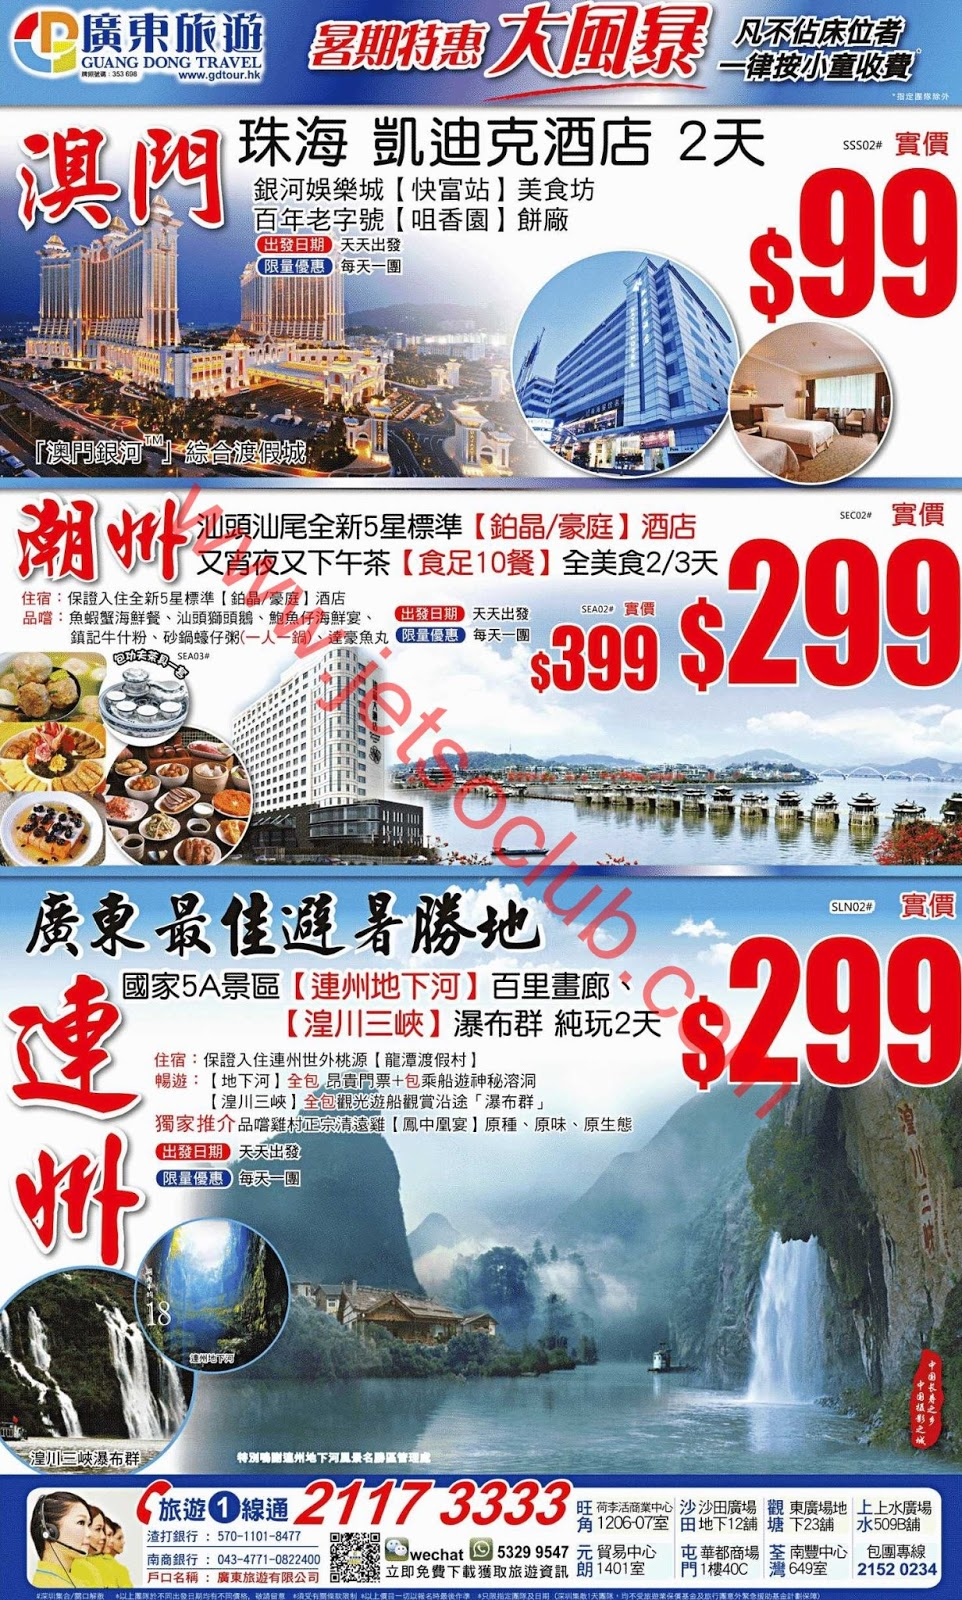 廣東旅遊 澳門珠海2天 $99 ( Jetso Club 著數俱樂部 )